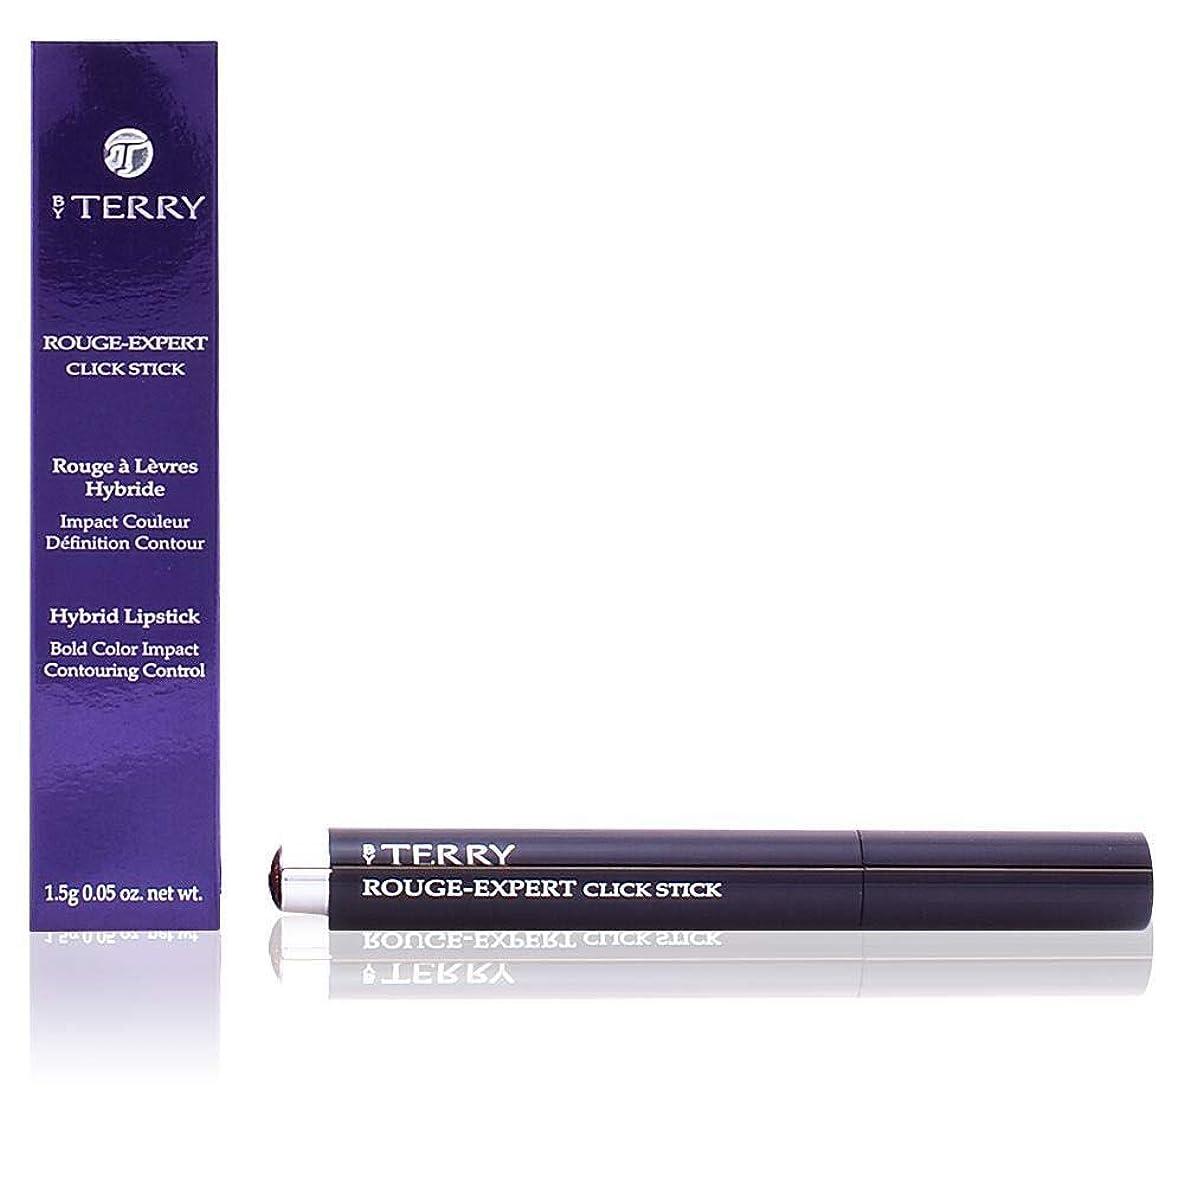 コーデリアディベートダイジェストバイテリー Rouge Expert Click Stick Hybrid Lipstick - # 13 Chilly Cream 1.5g/0.05oz並行輸入品